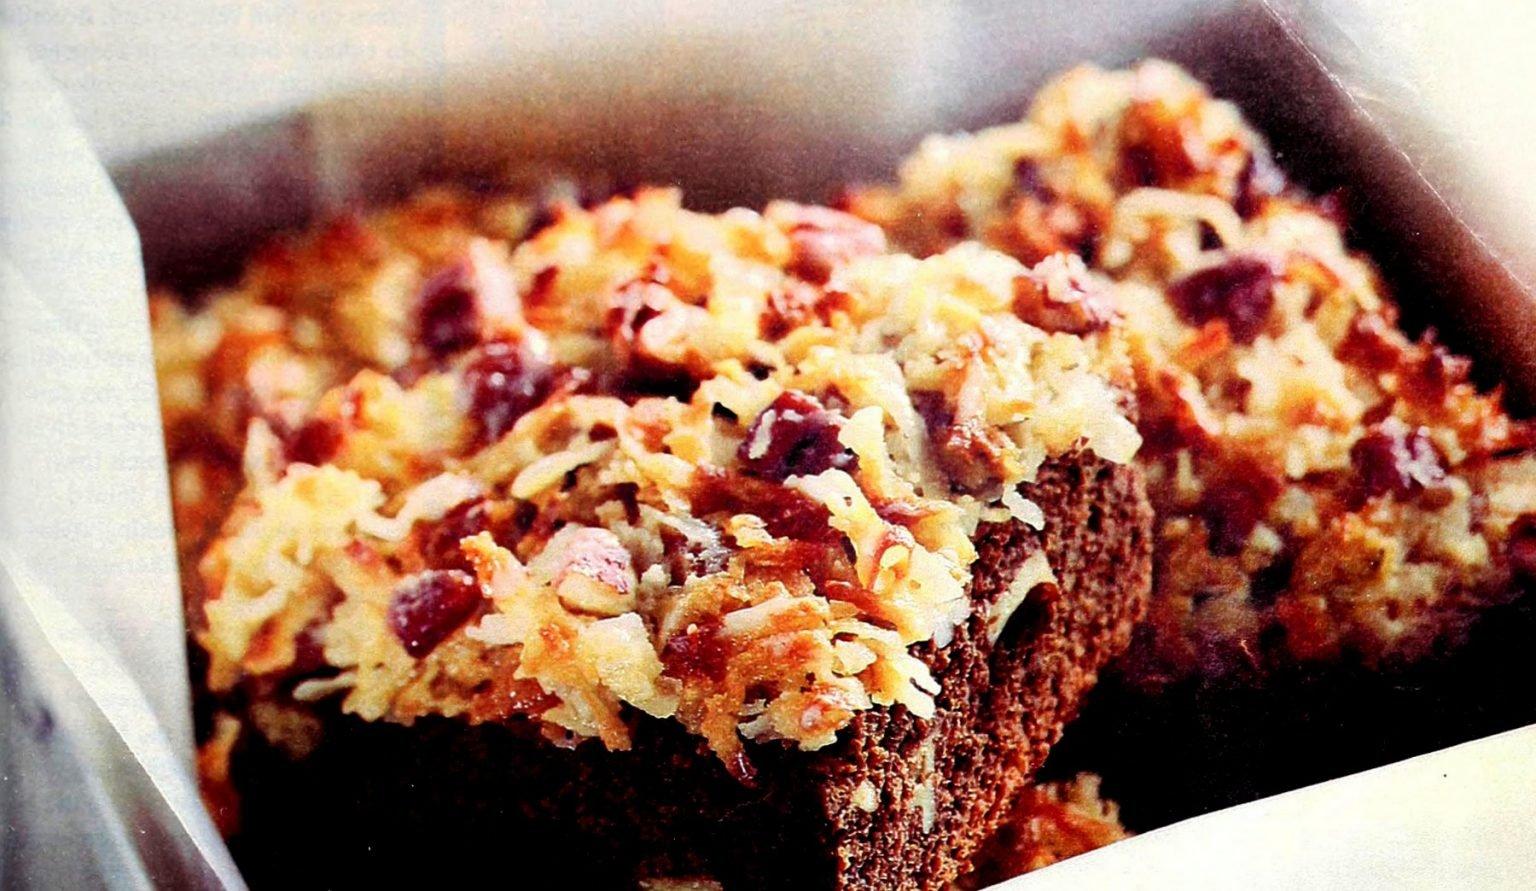 Baker's one-bowl German sweet chocolate brownies, starring chocolate, coconut & nuts 1997